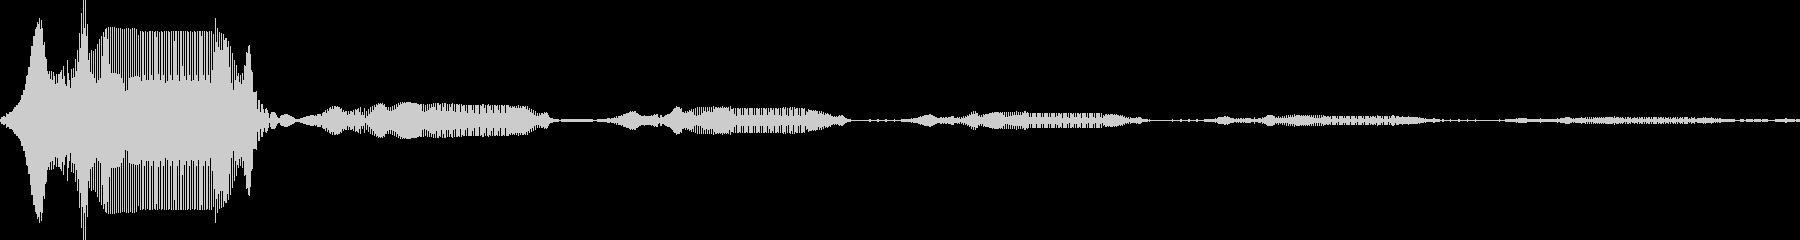 AMGアナログFX9の未再生の波形